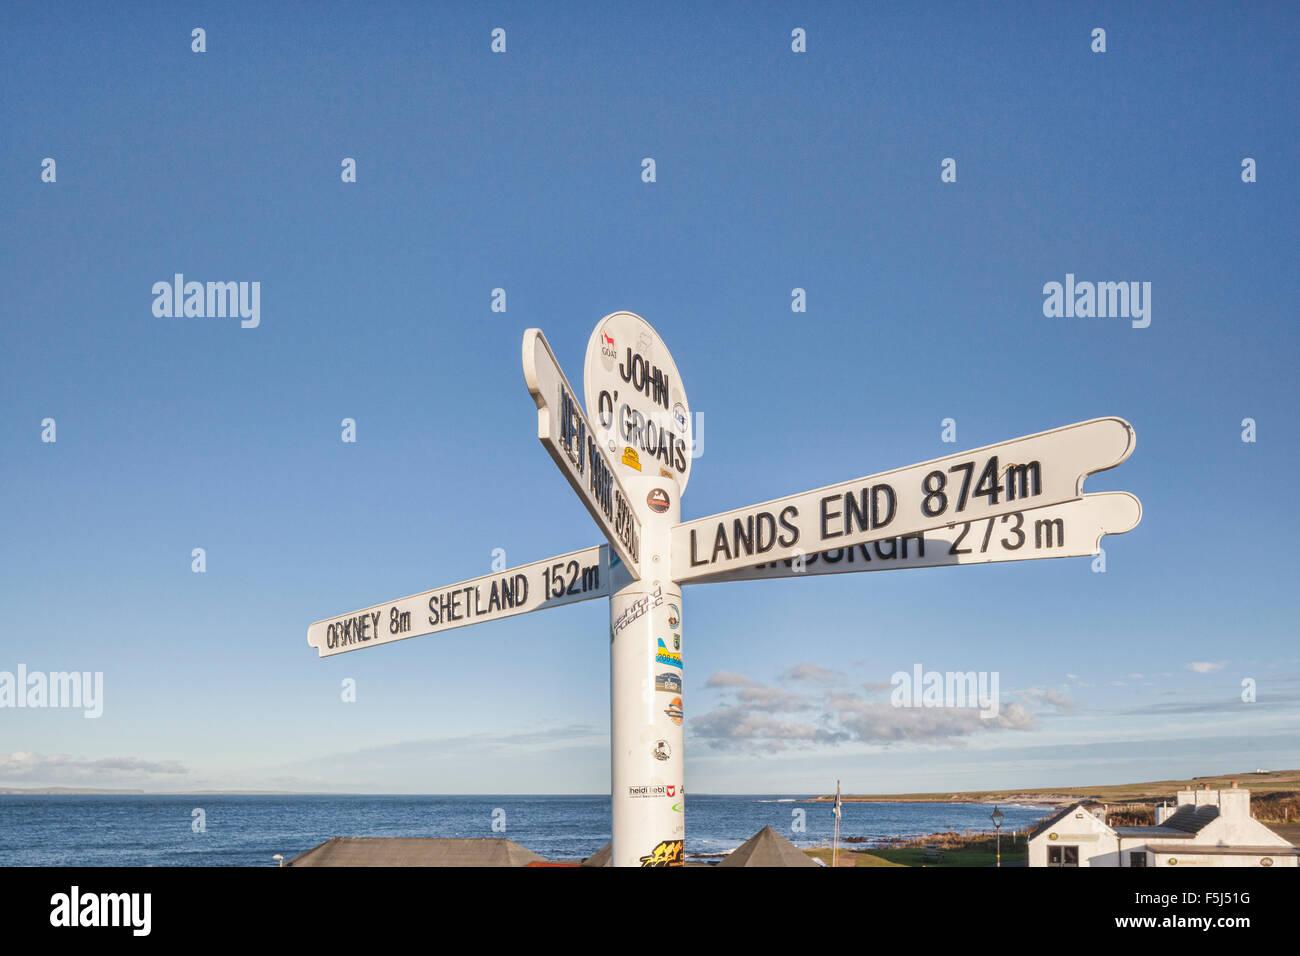 Wegweiser in John o' Groats, im äußersten Nordosten bewohnte Punkt der britischen Insel. Stockbild